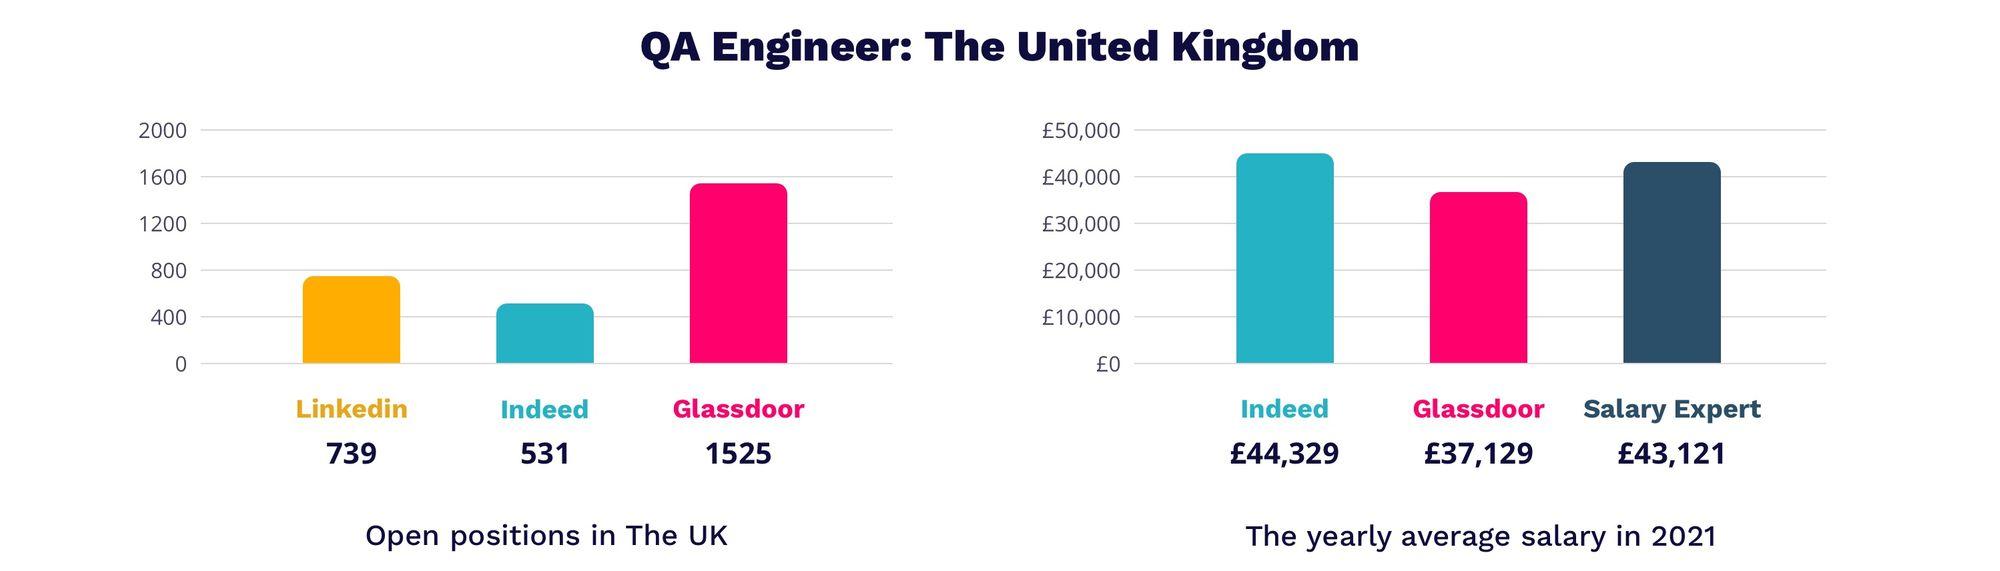 QA Engineer salary in UK 2021   MagicHire.co